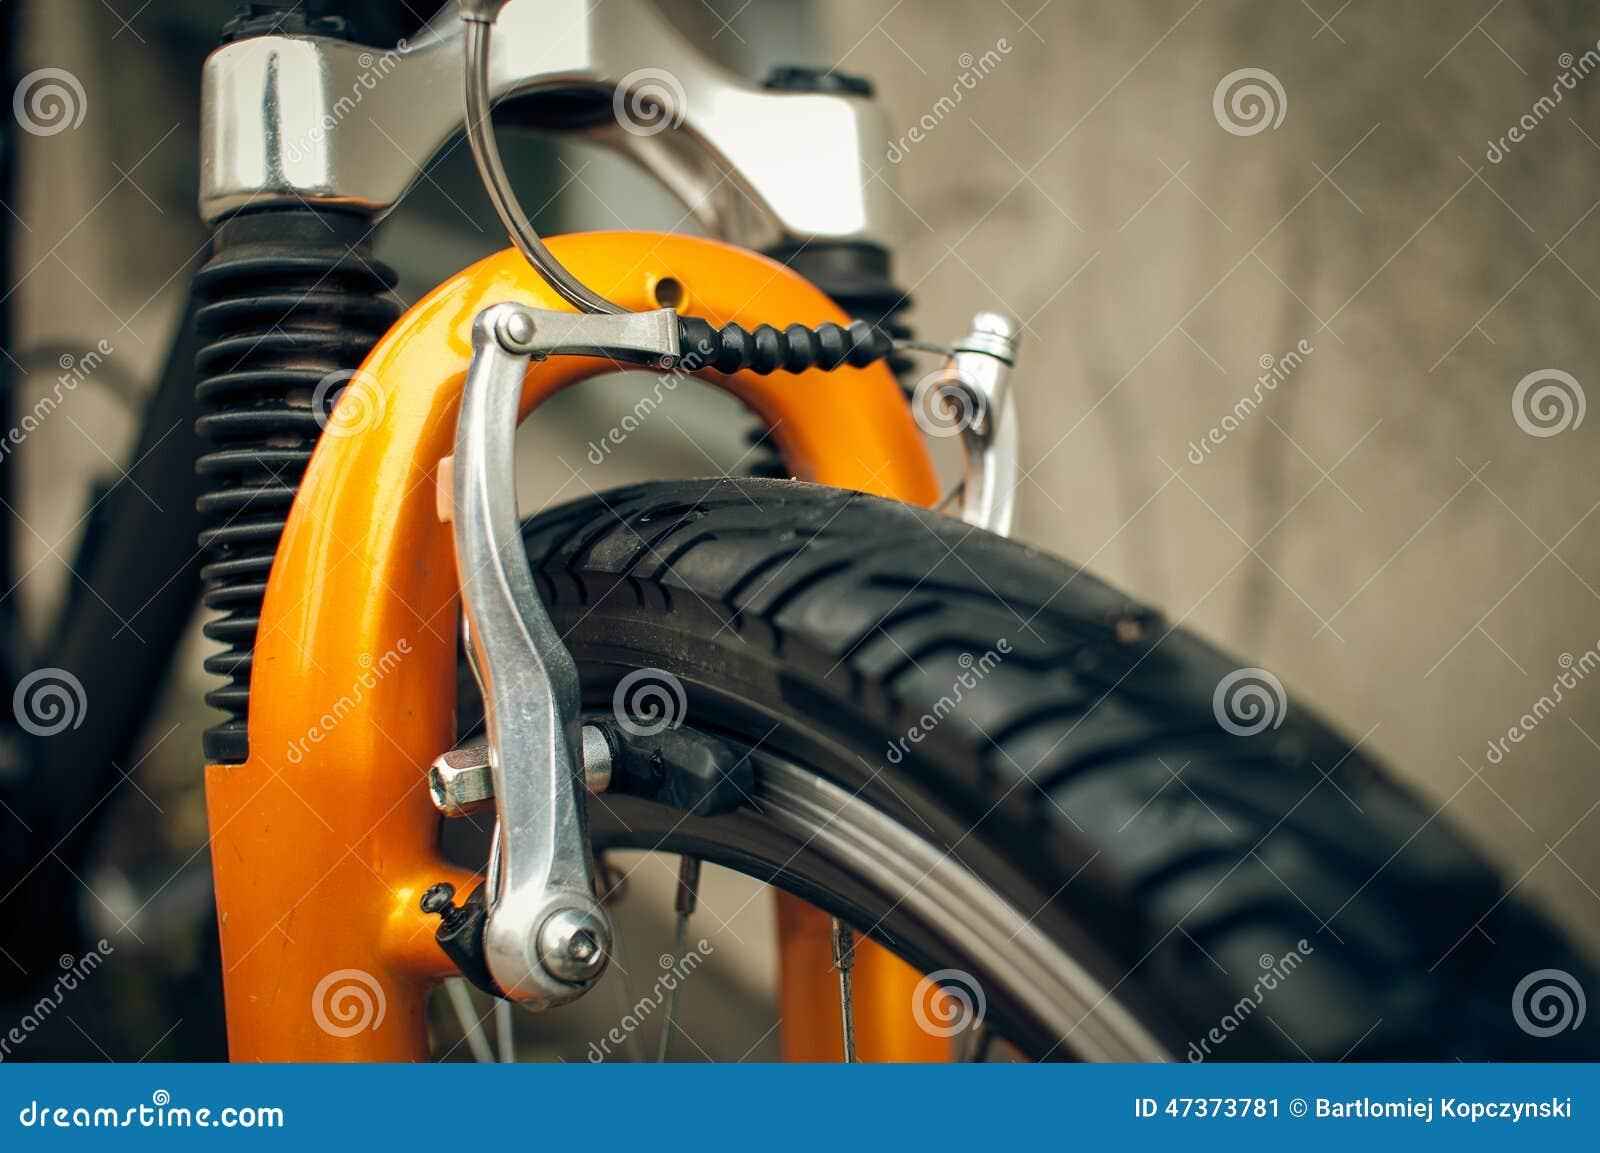 Mountainbikebremsen stockbild. Bild von türen, farben - 47373781